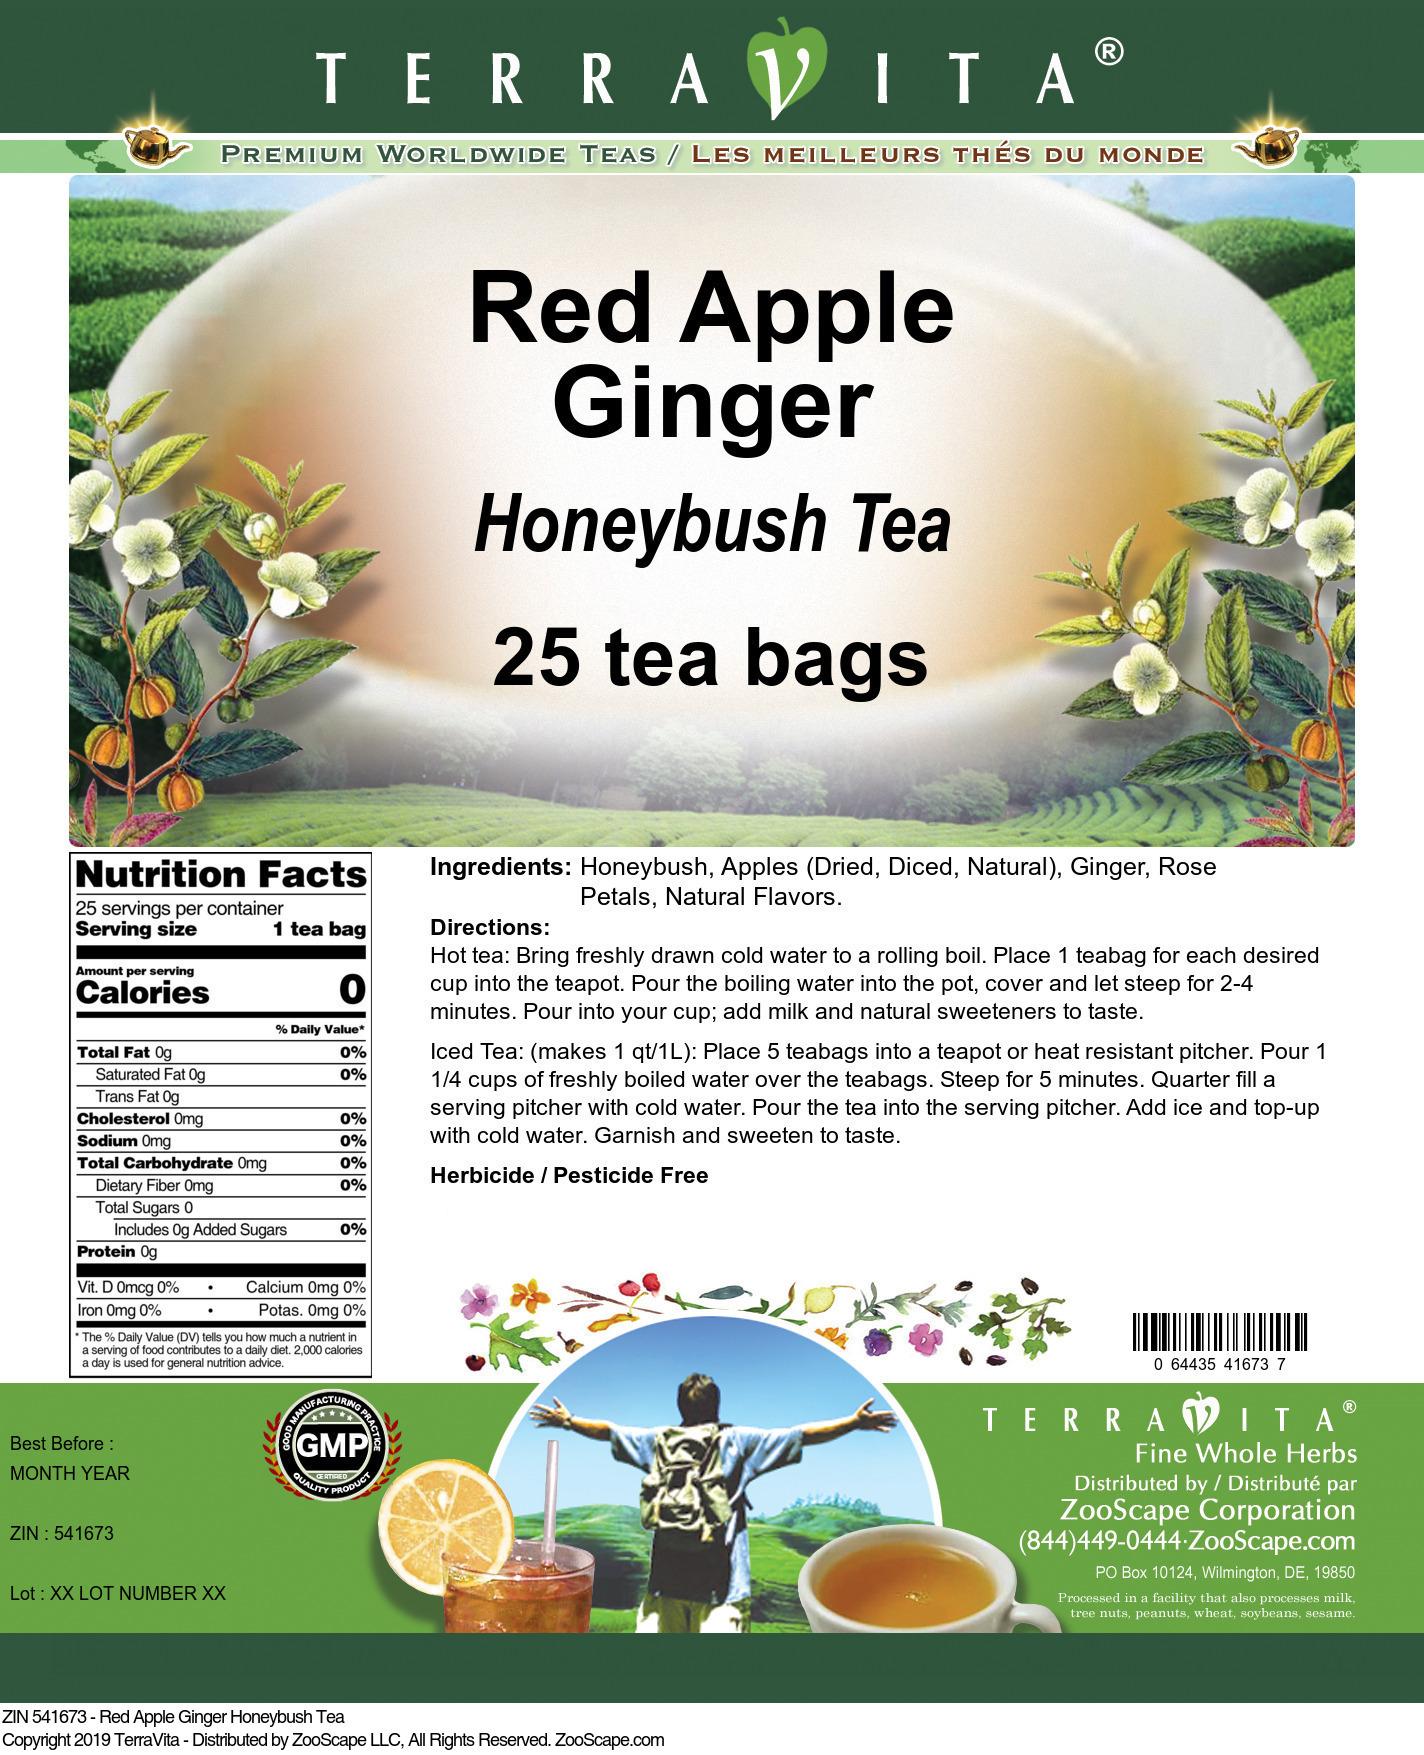 Red Apple Ginger Honeybush Tea